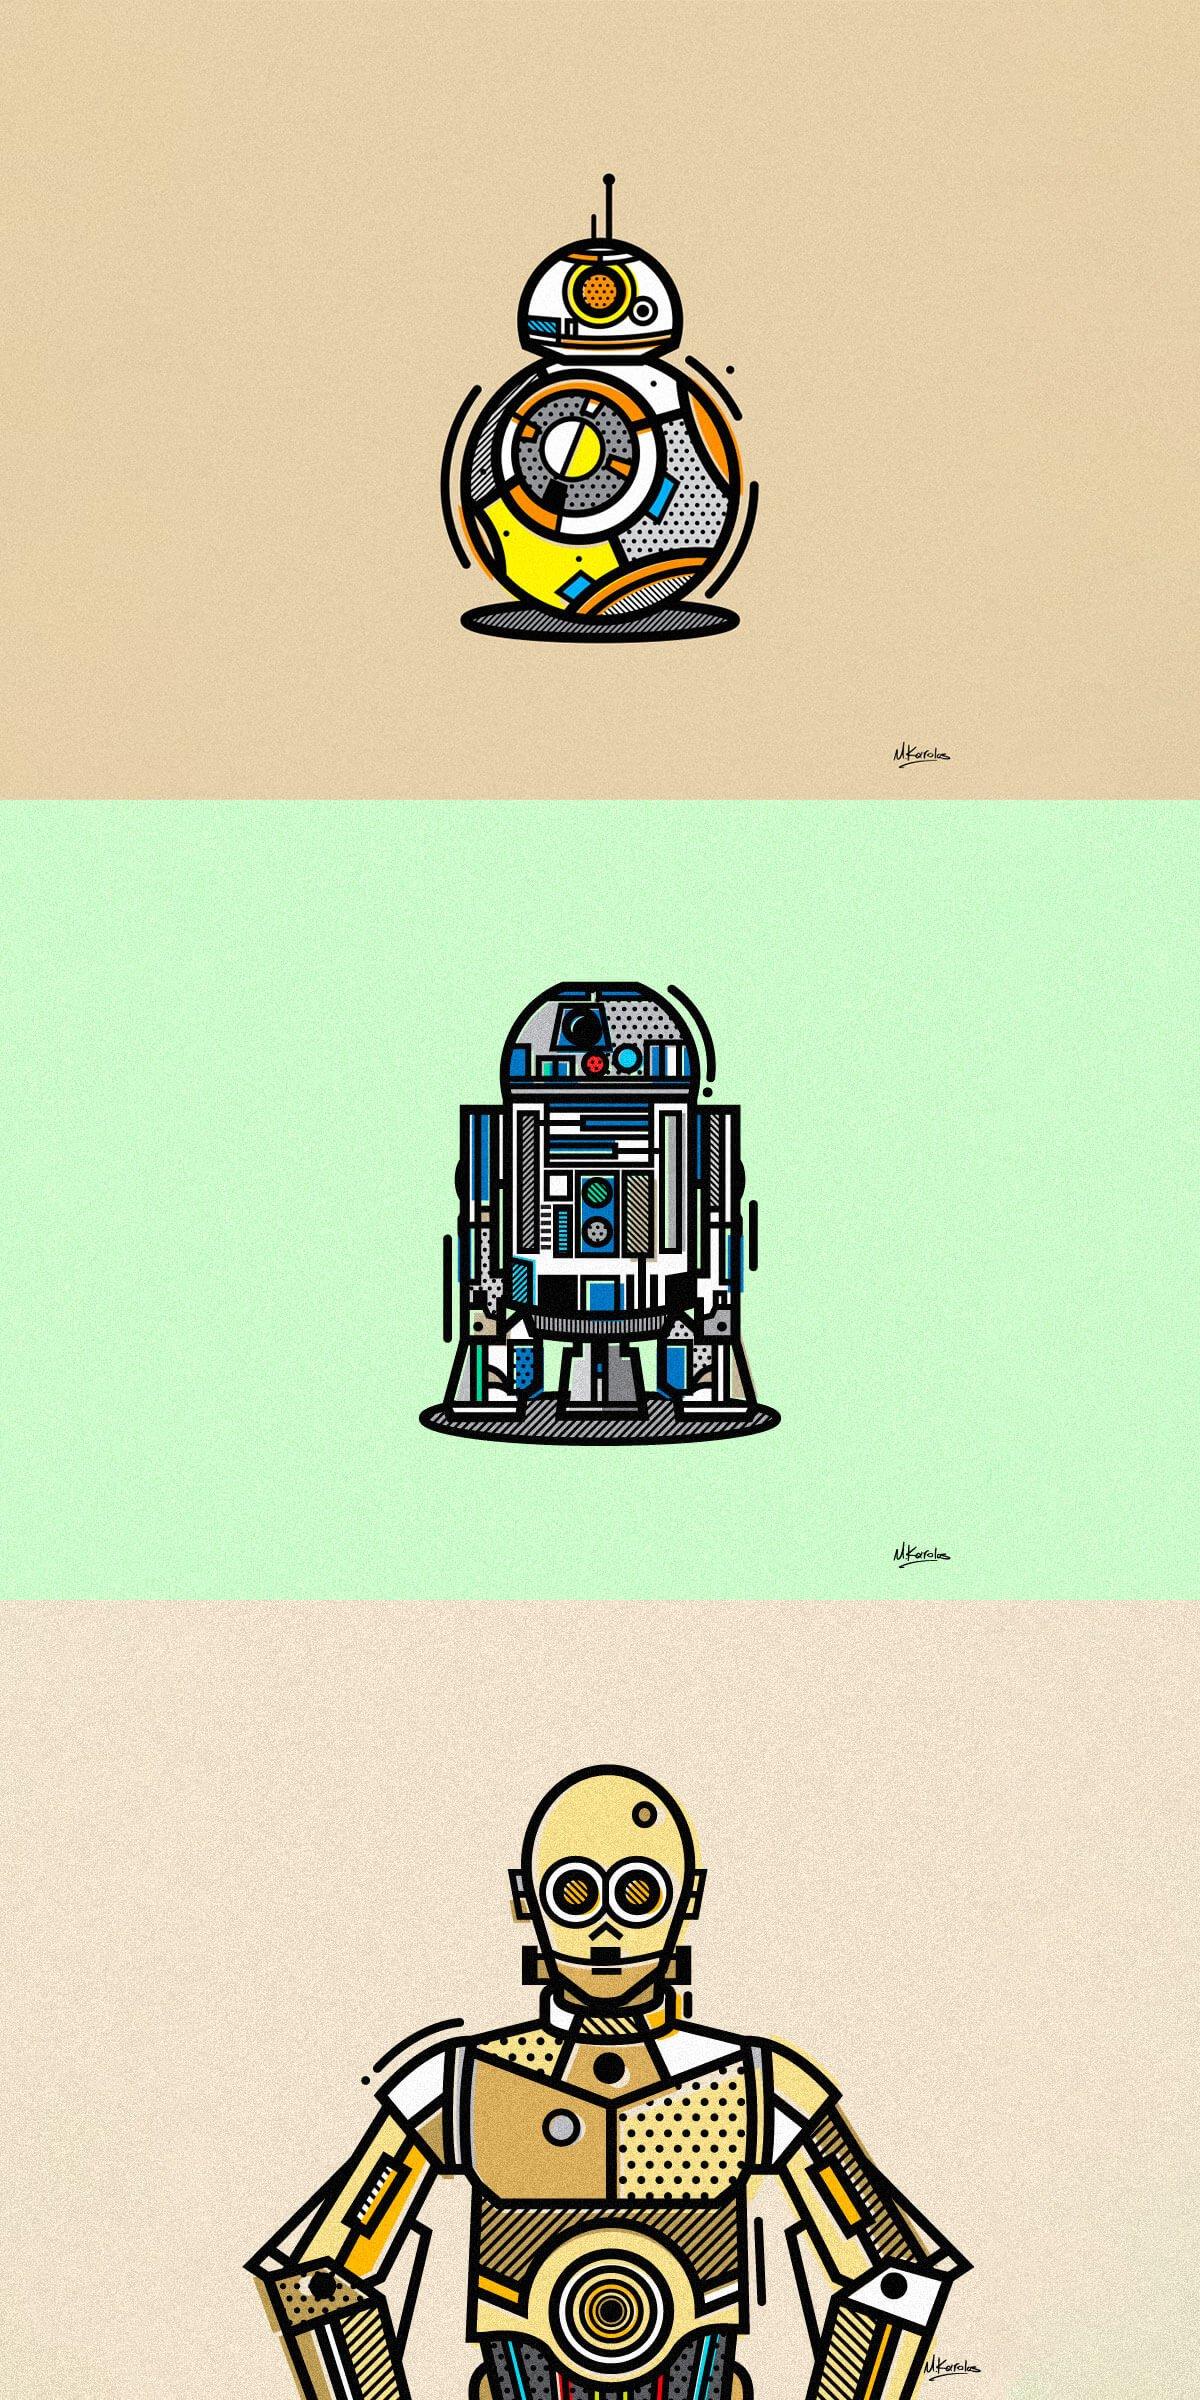 Star Wars Fanart by Mike Karolos